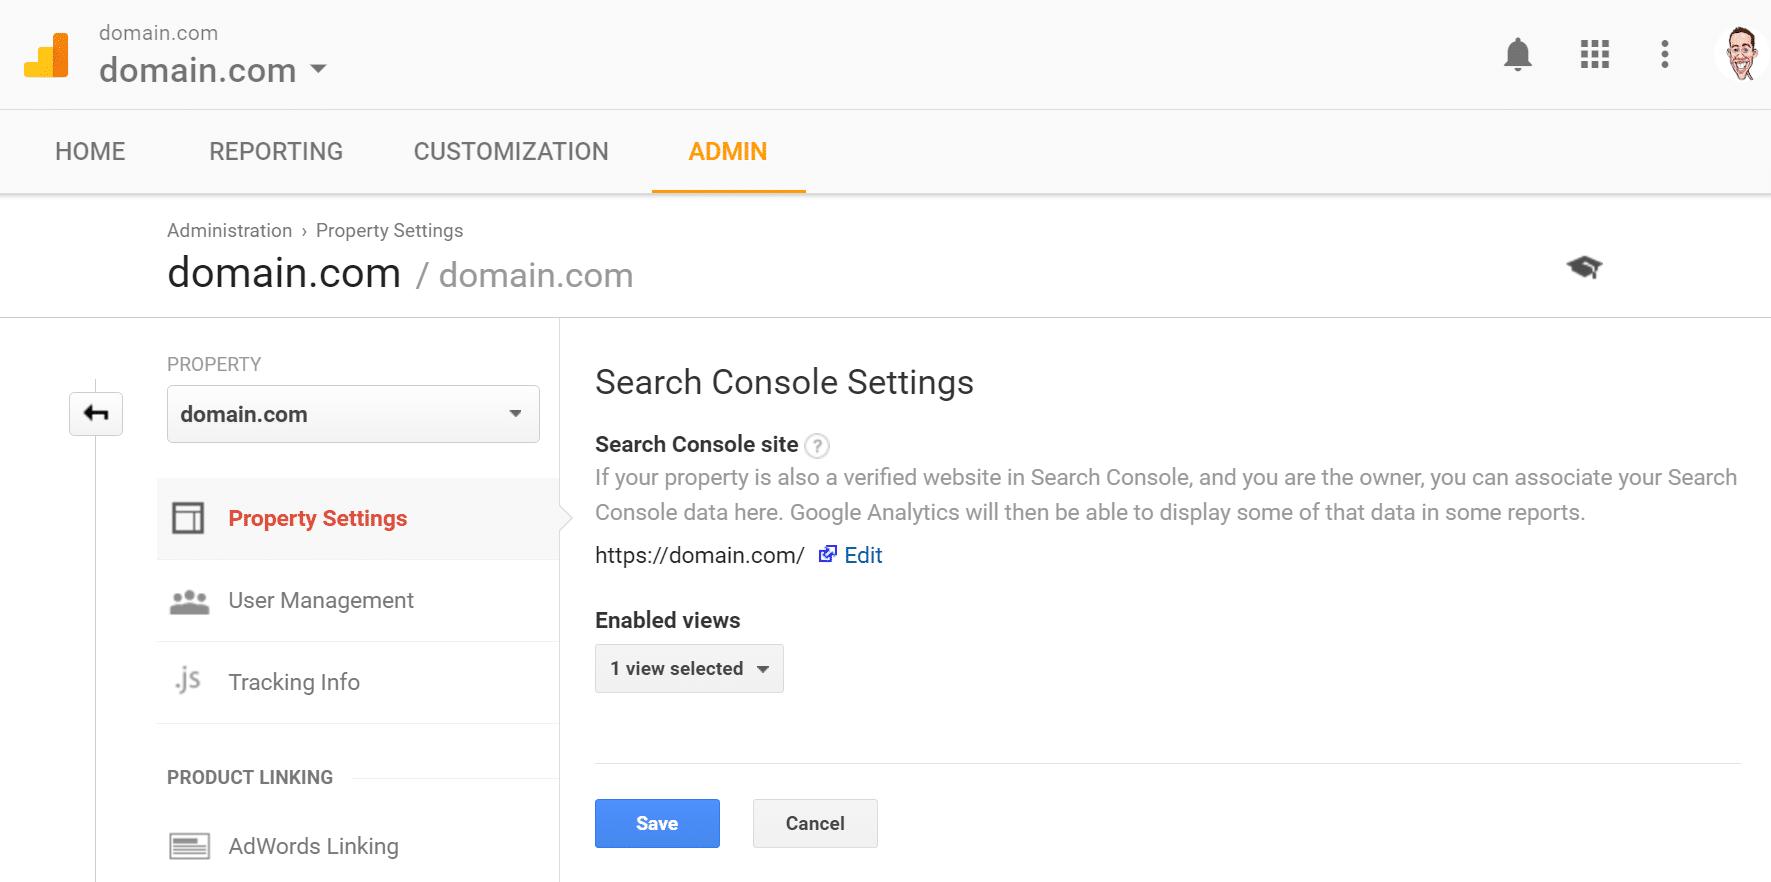 Verknüpfung des Google Analytics-Kontos mit dem Google Search Console-Konto